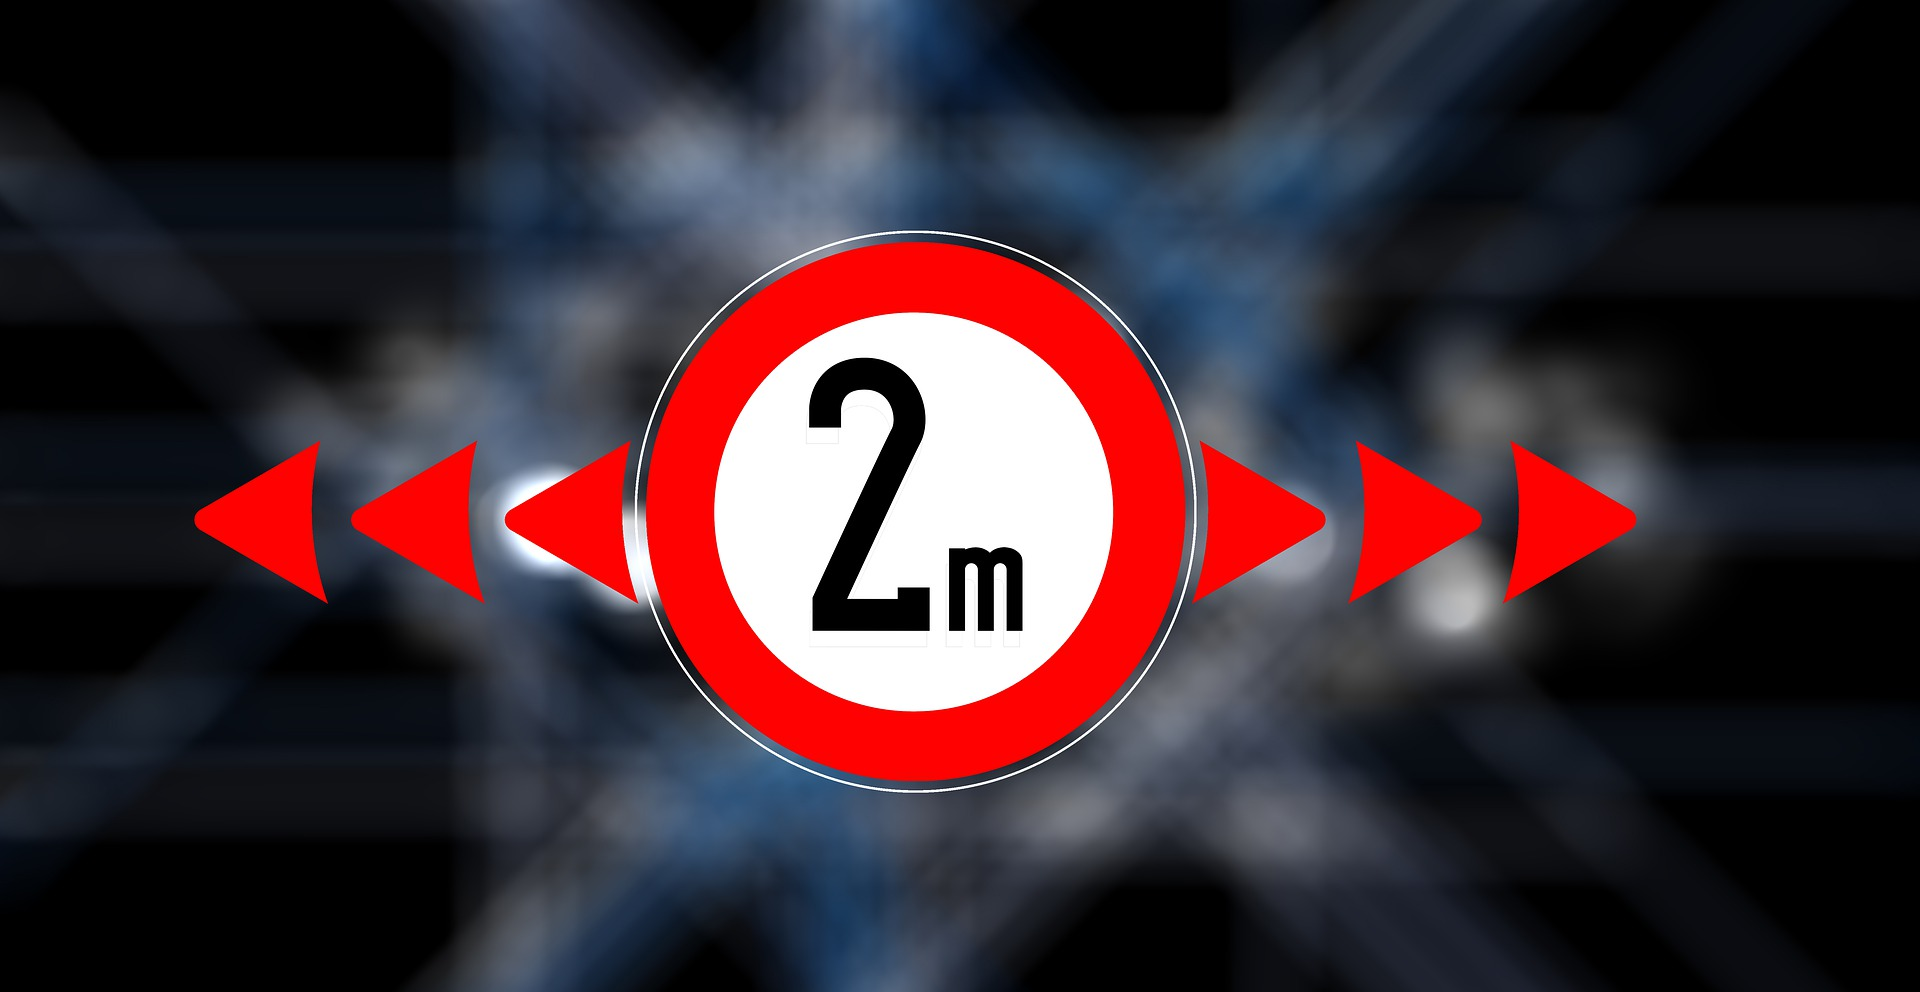 panneau de signalisation indiquant qu'il faut garder une distance de 2 mètres